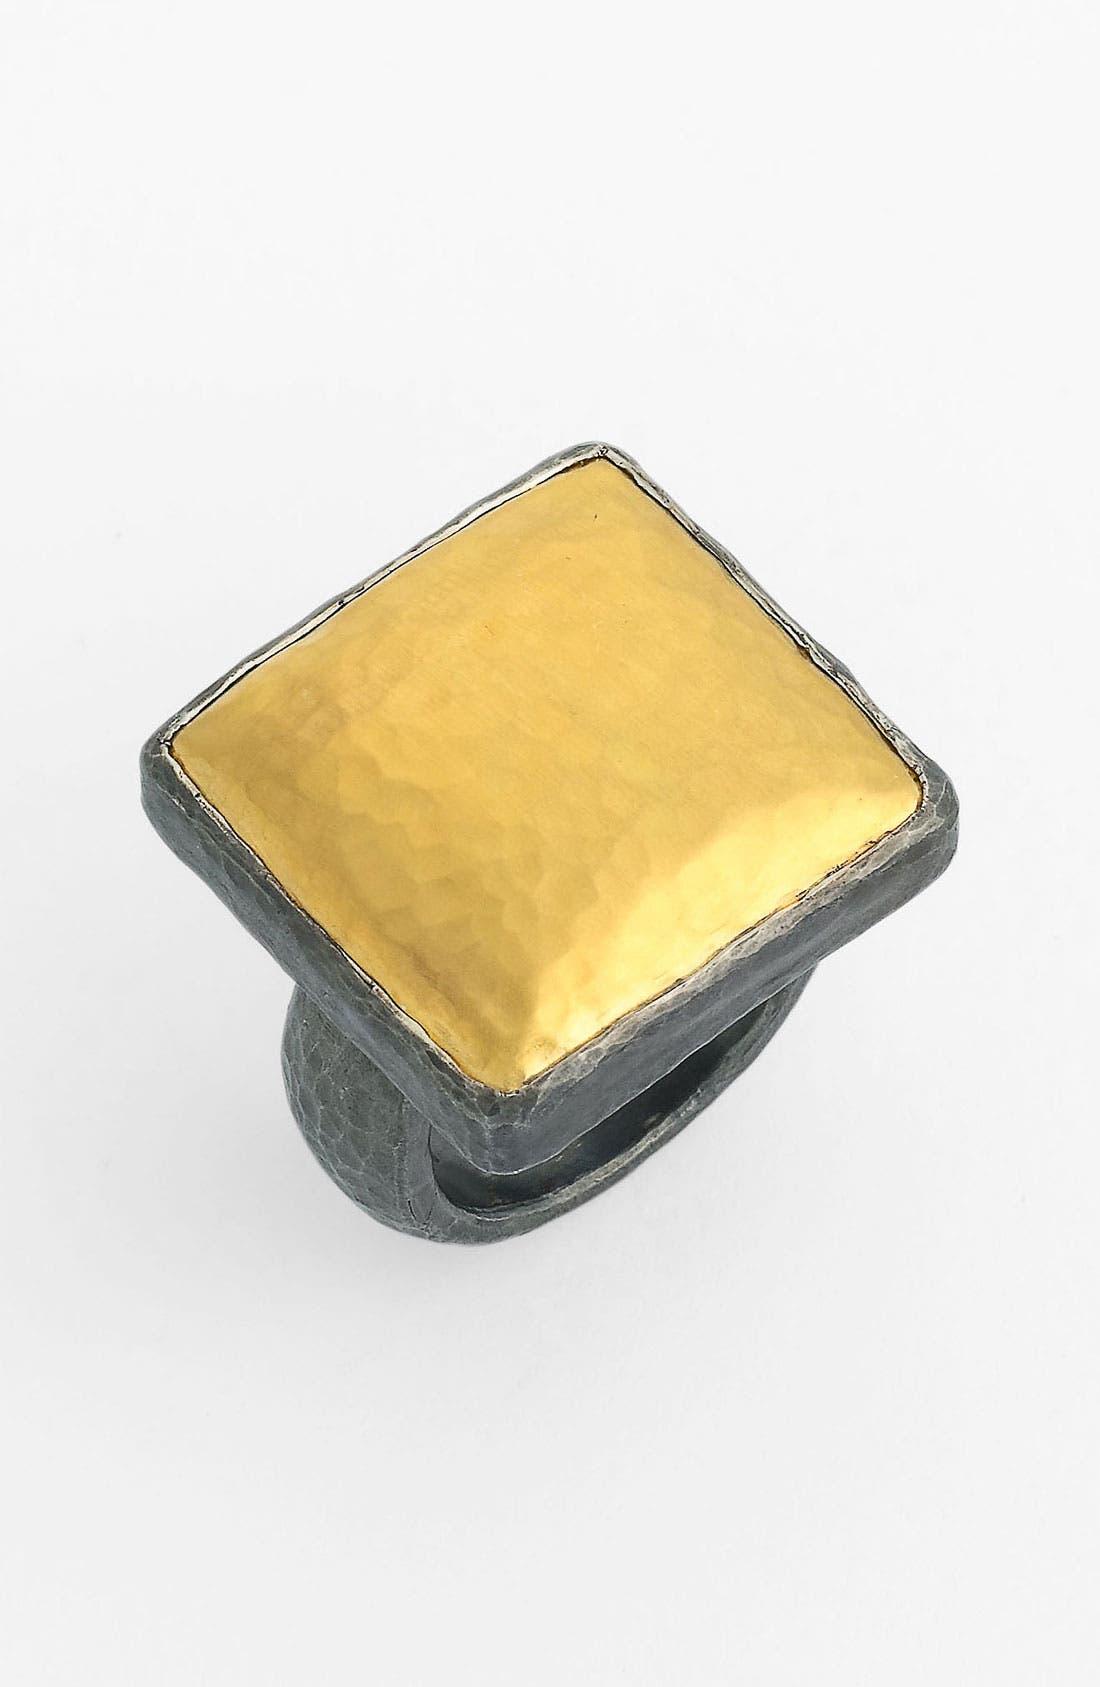 Main Image - Gurhan 'Amulet' Square Ring